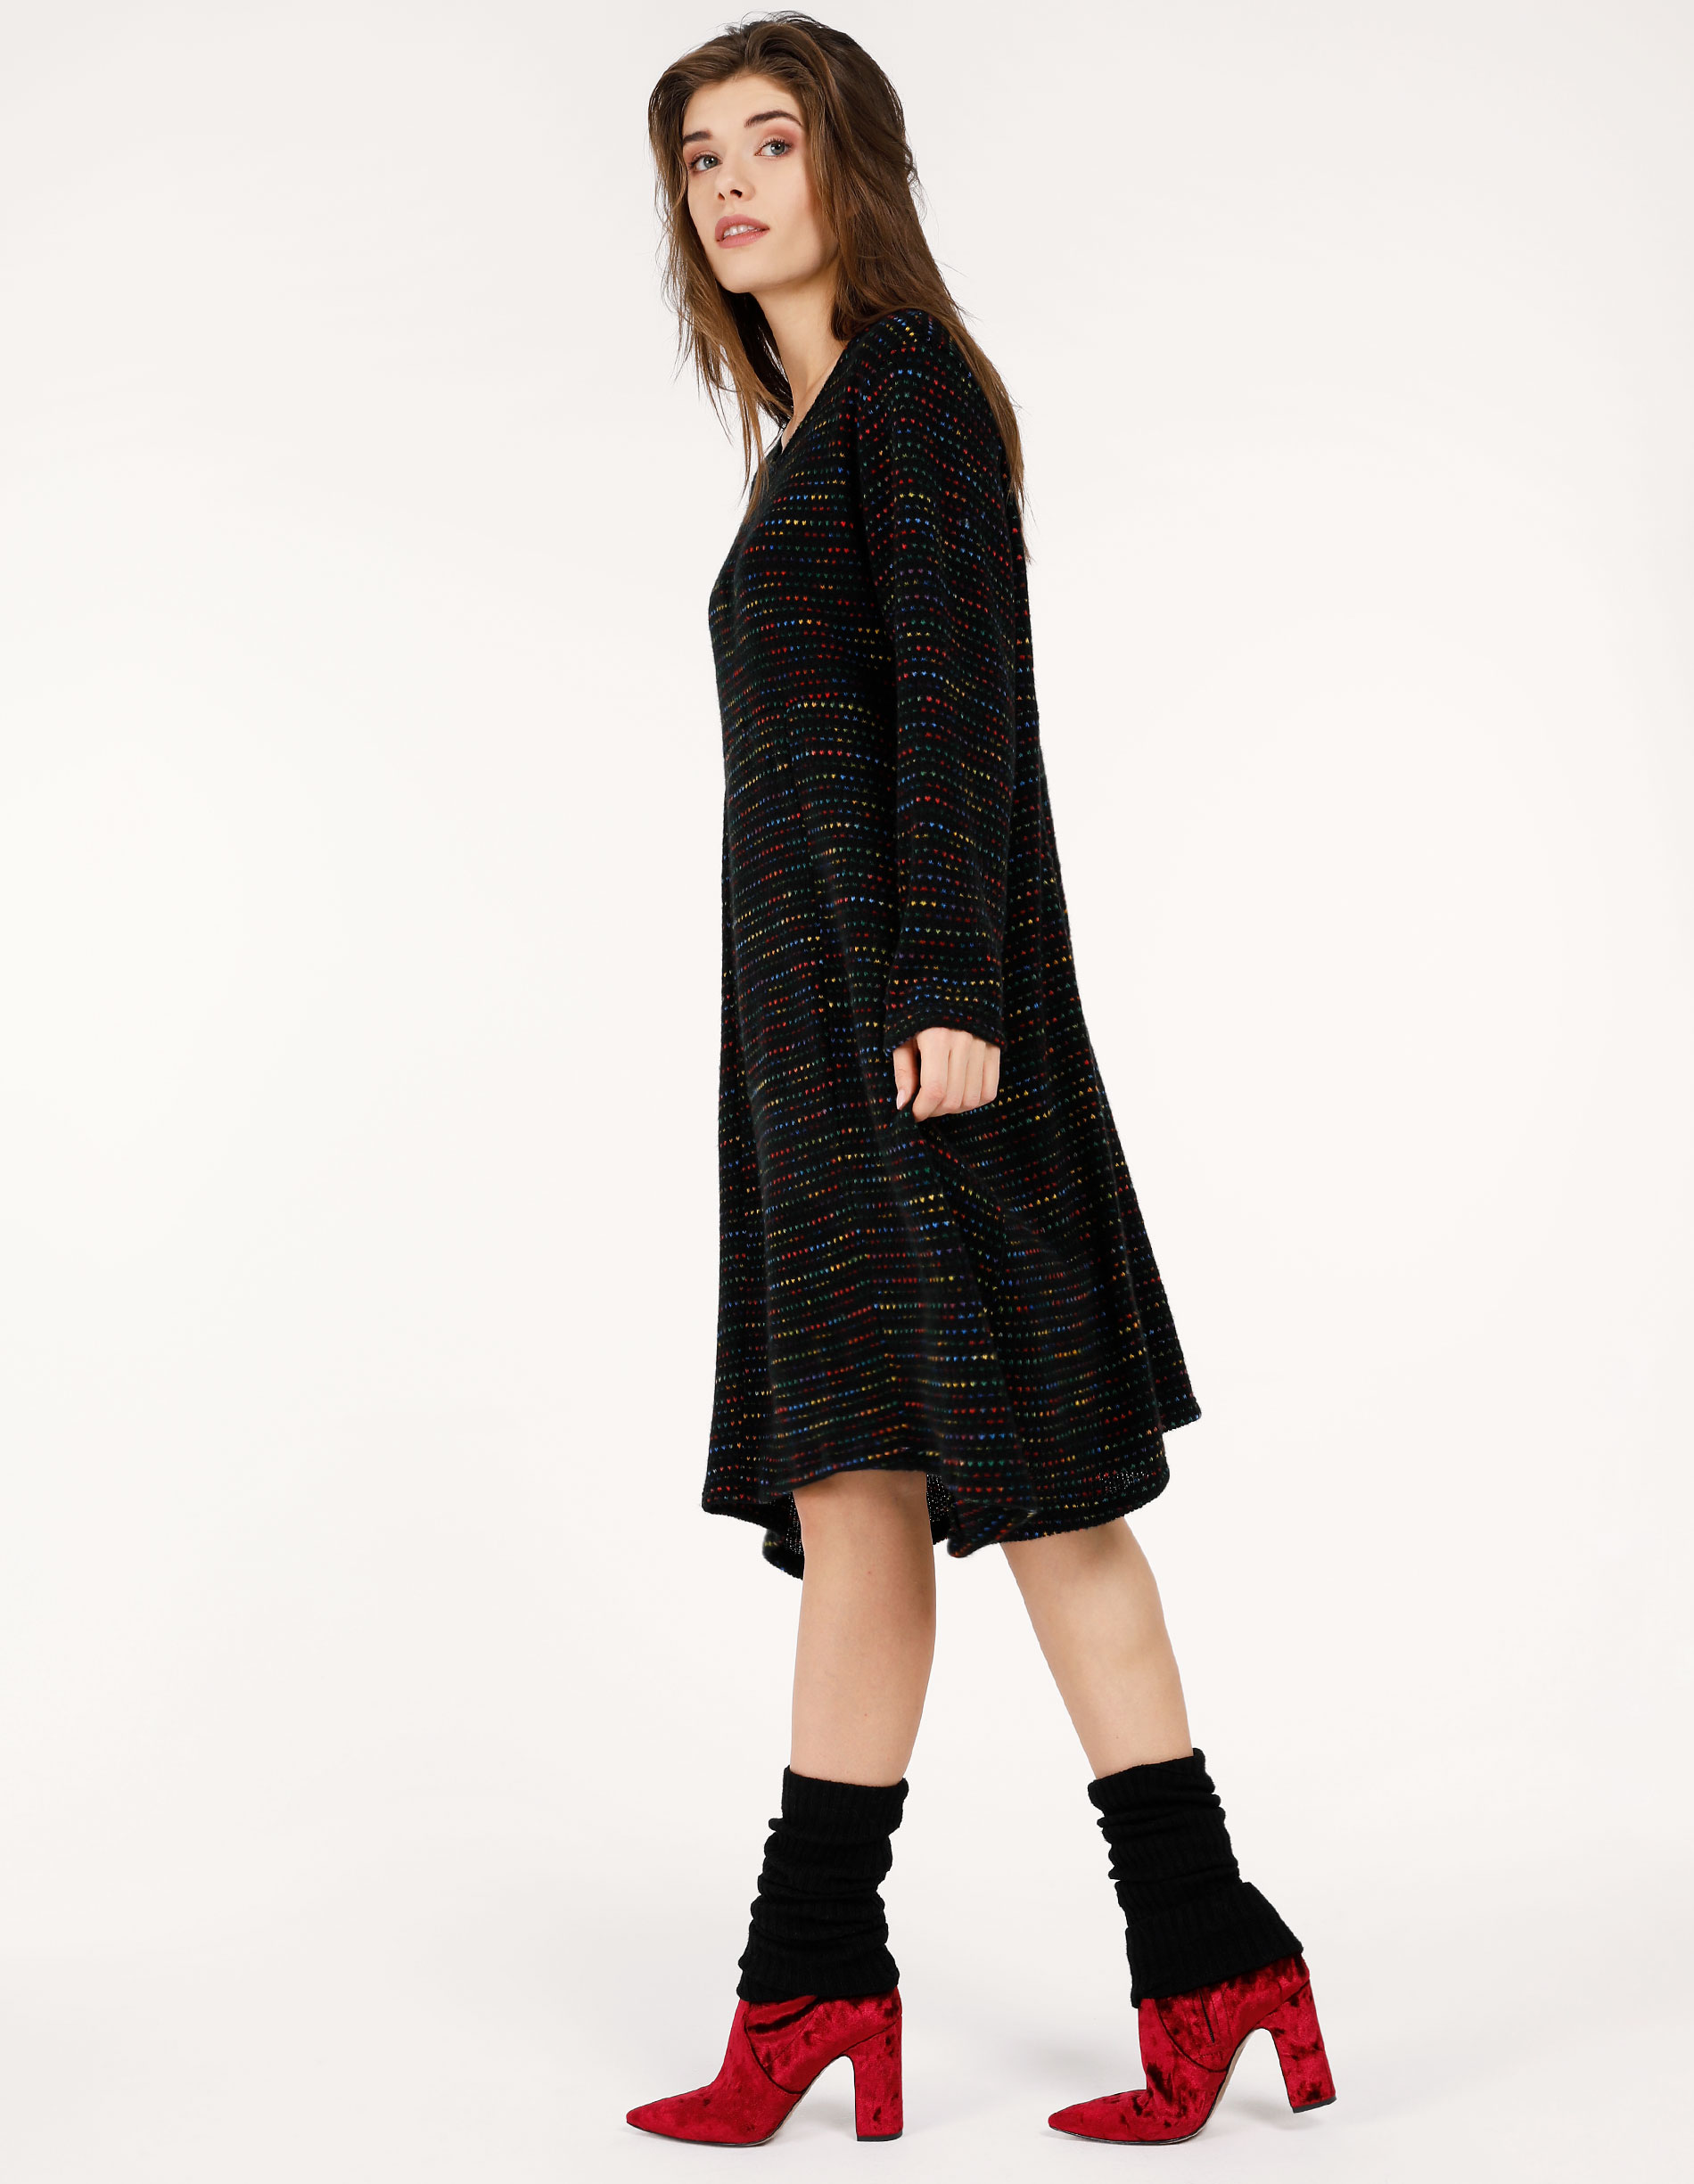 Sukienka - 142-17880 NER - Unisono